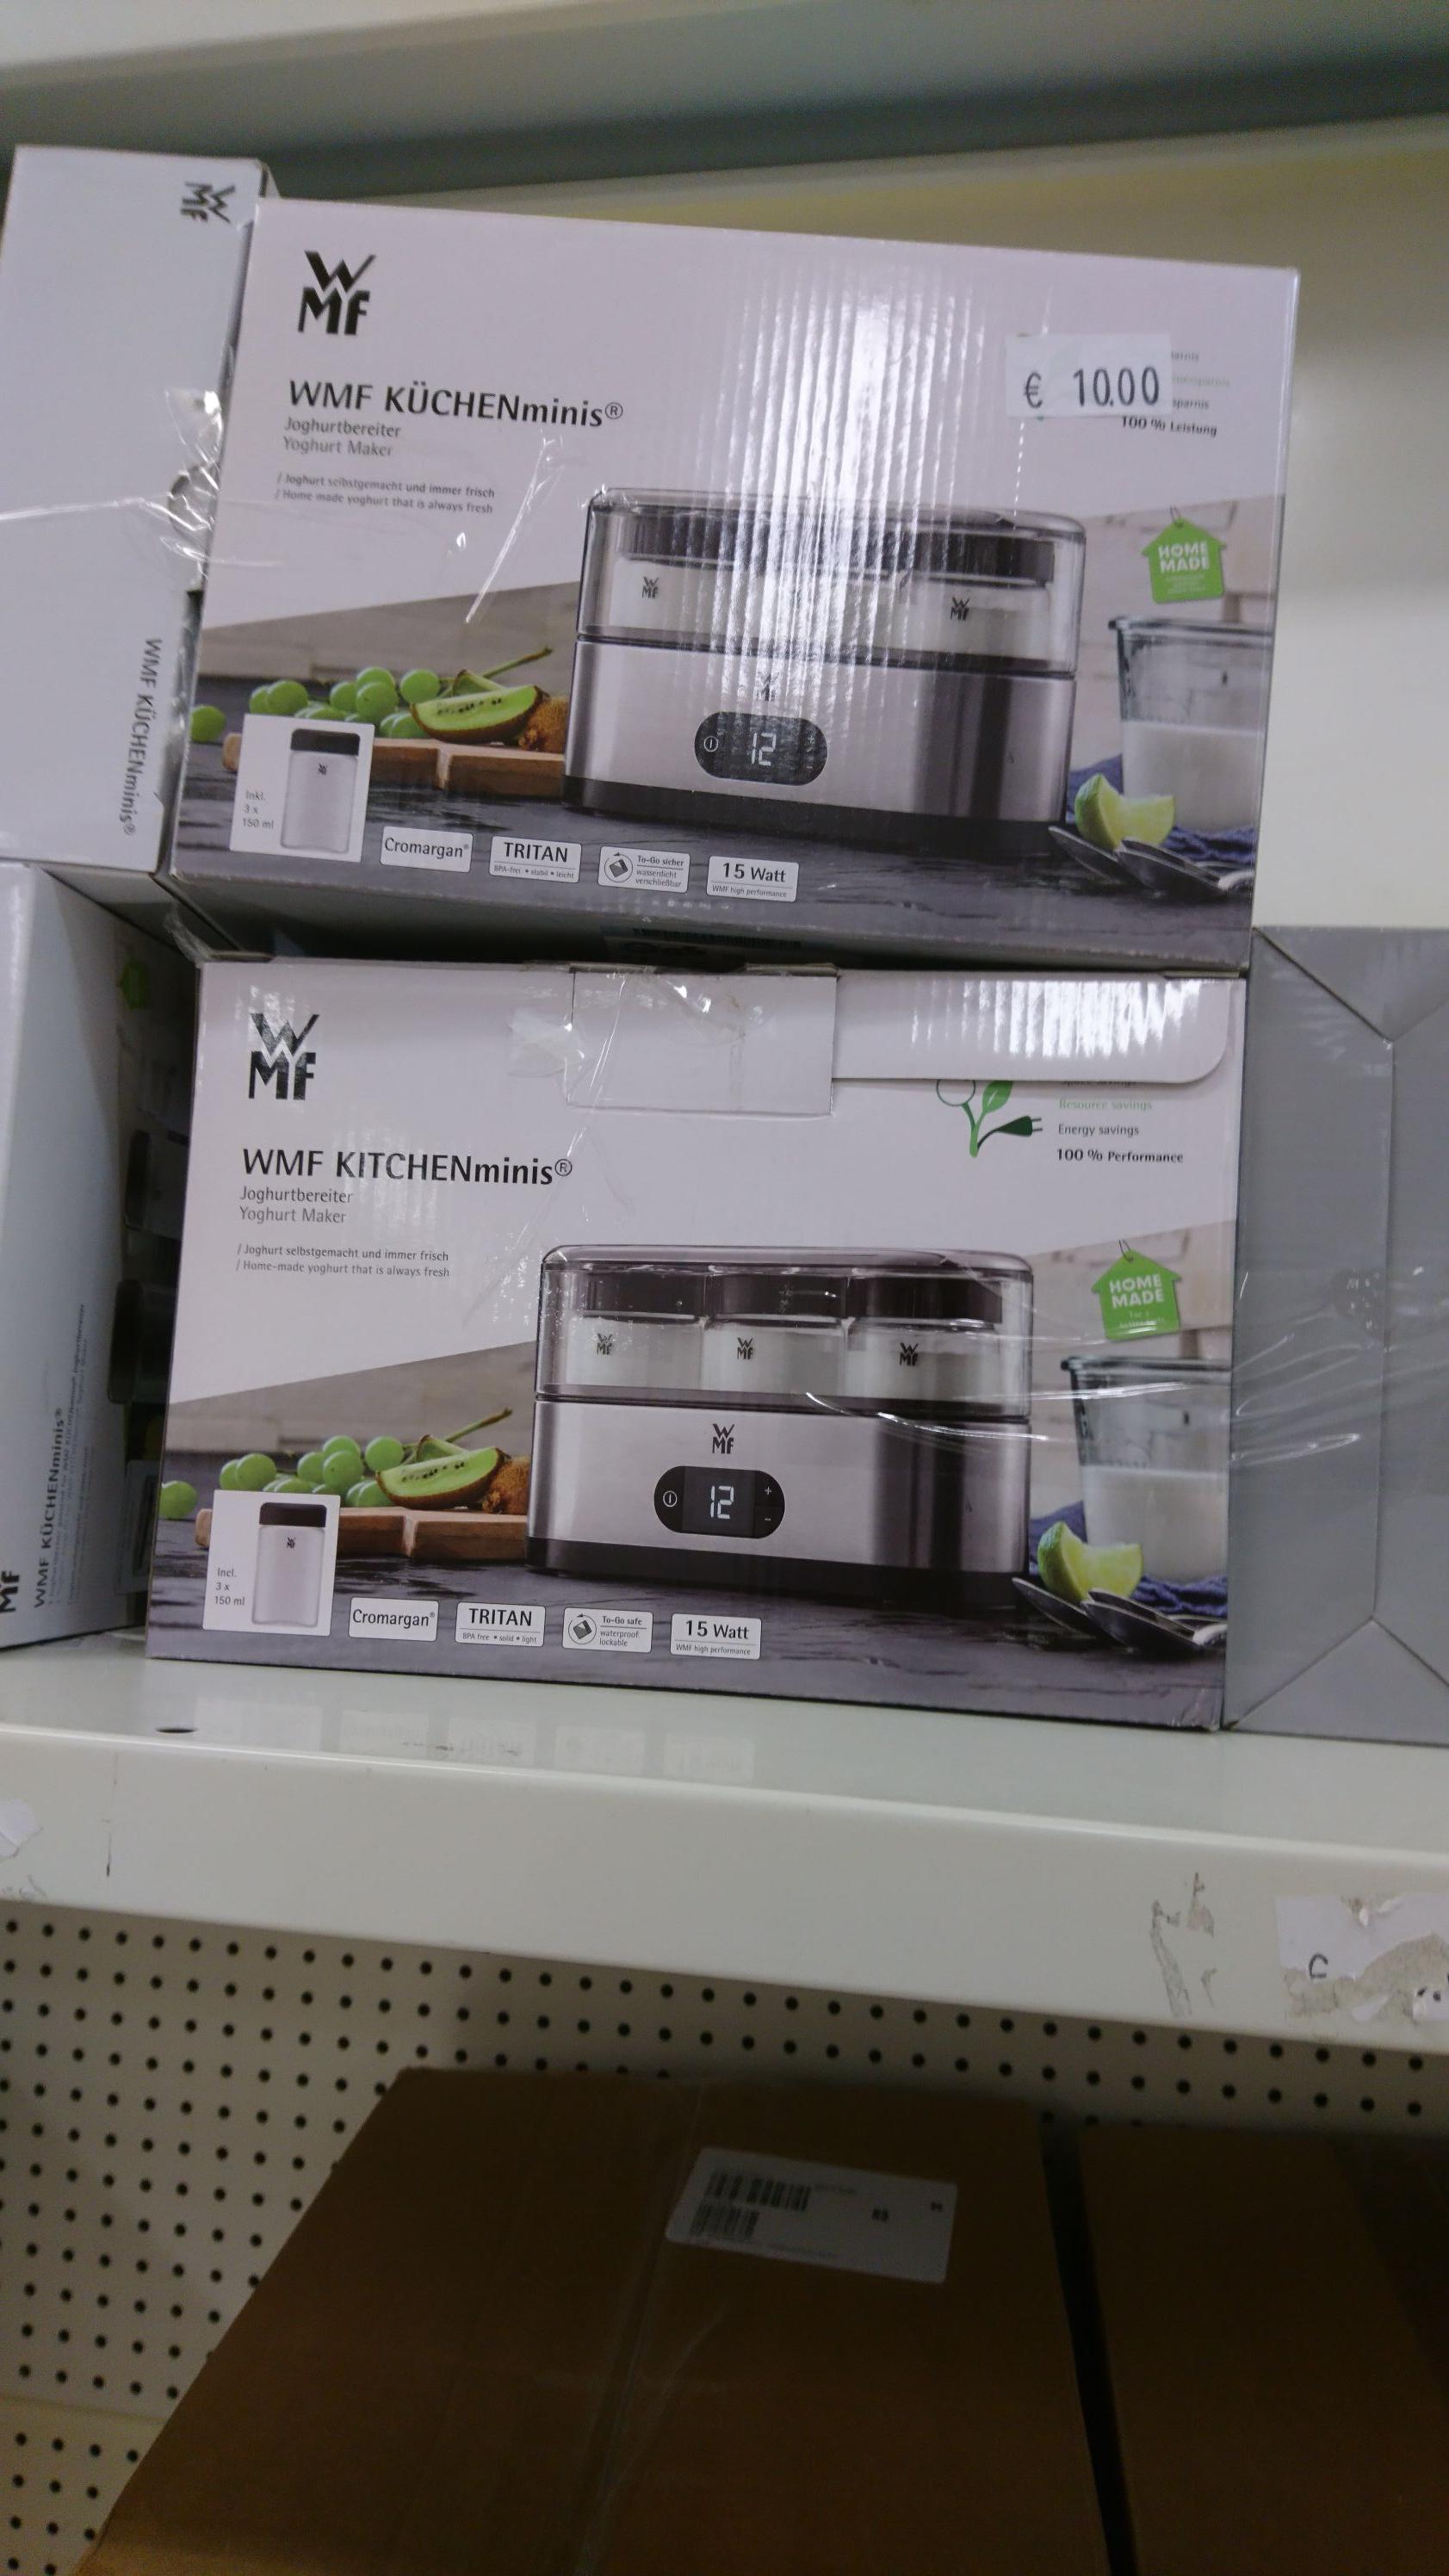 WMF Küchenminis Joghurtbereiter - QVC Lagerverkauf Zwickau